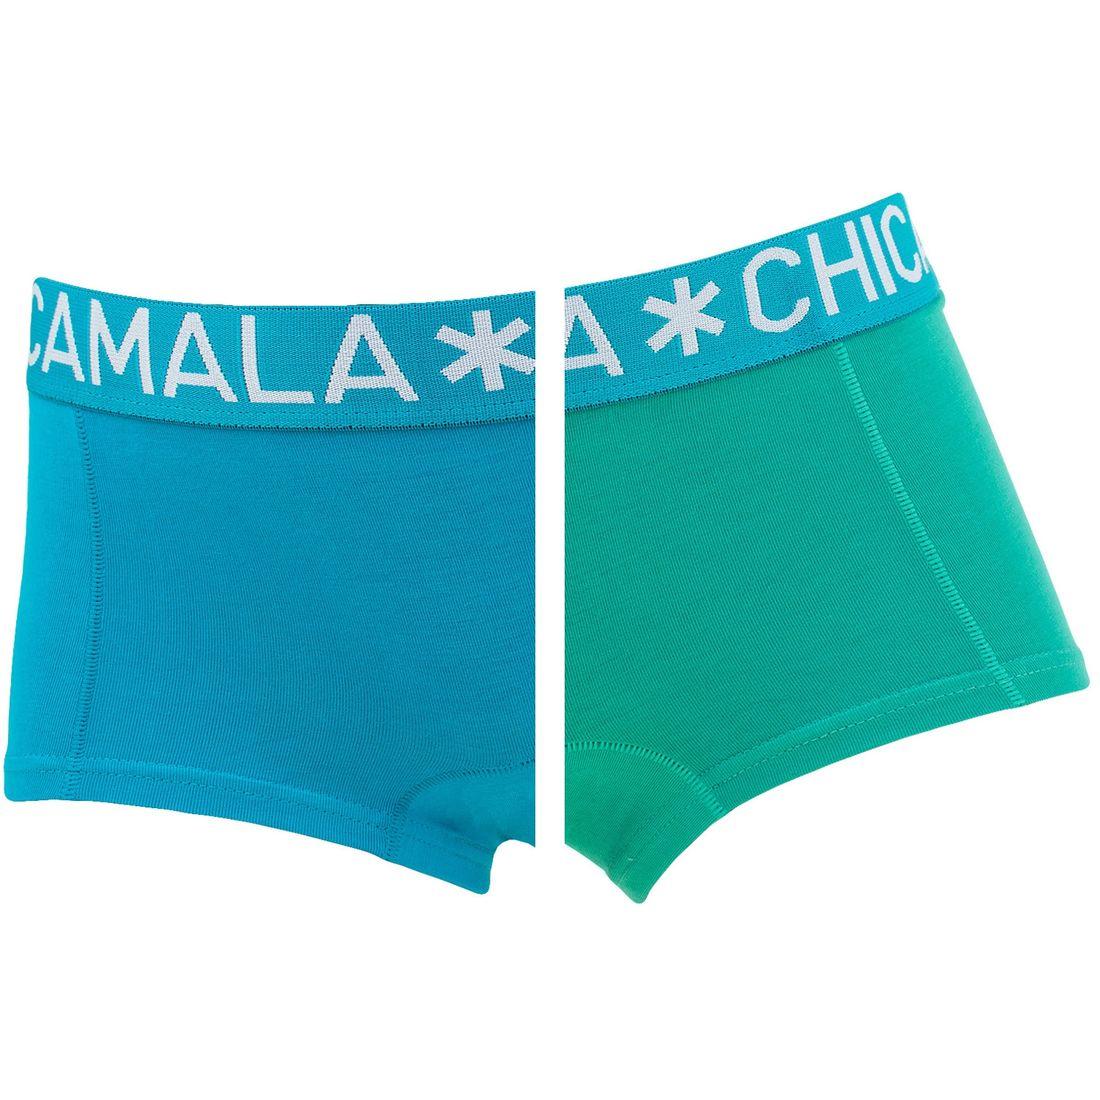 Afbeelding van Chicamala boxers meisjes 2 pack blauw & groen